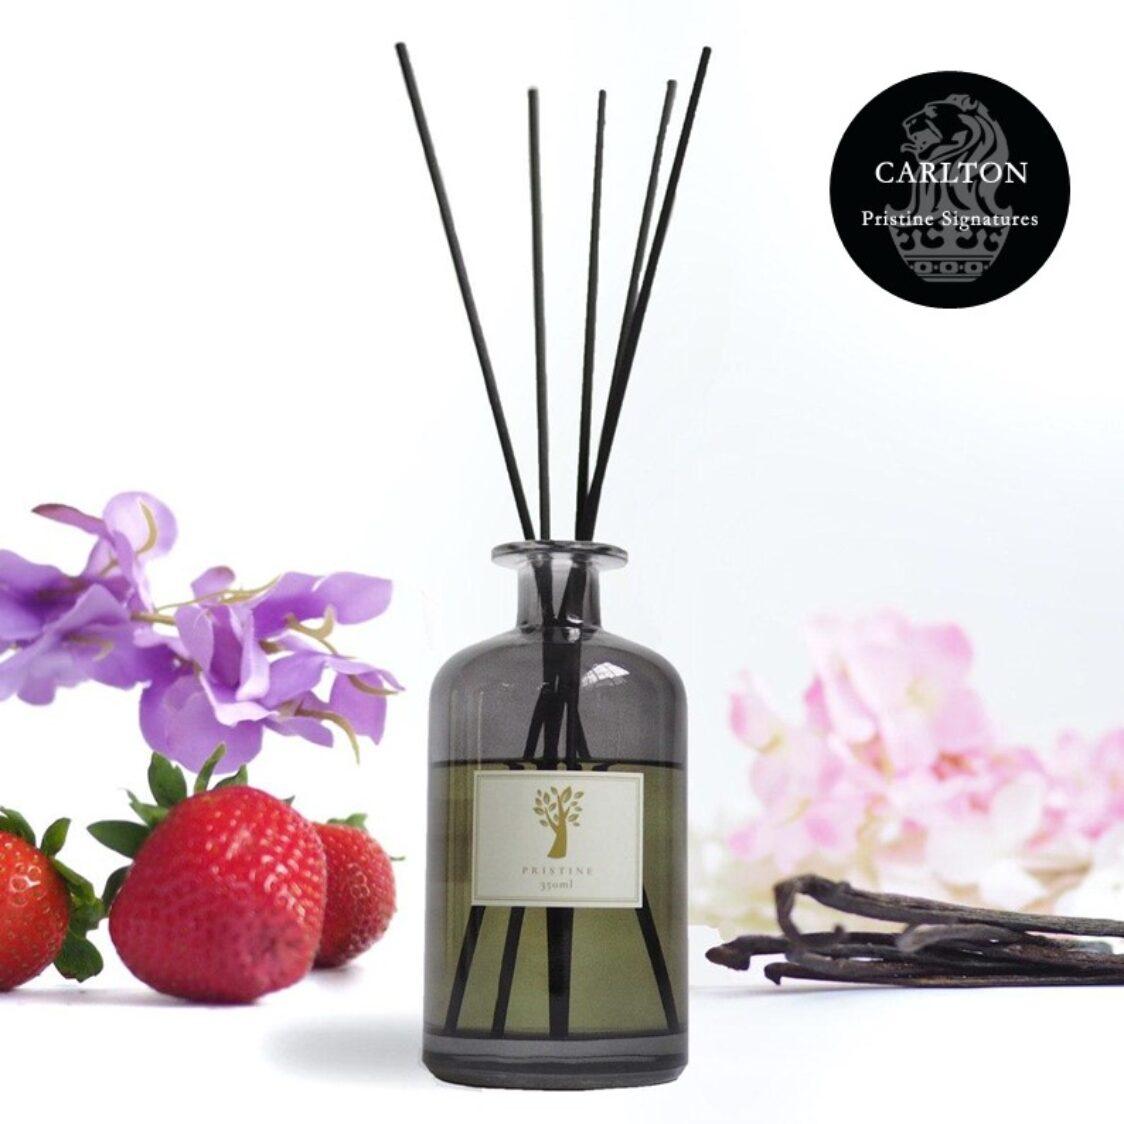 Pristine Aroma Carlton Signature Scent Reed Diffuser 350ml